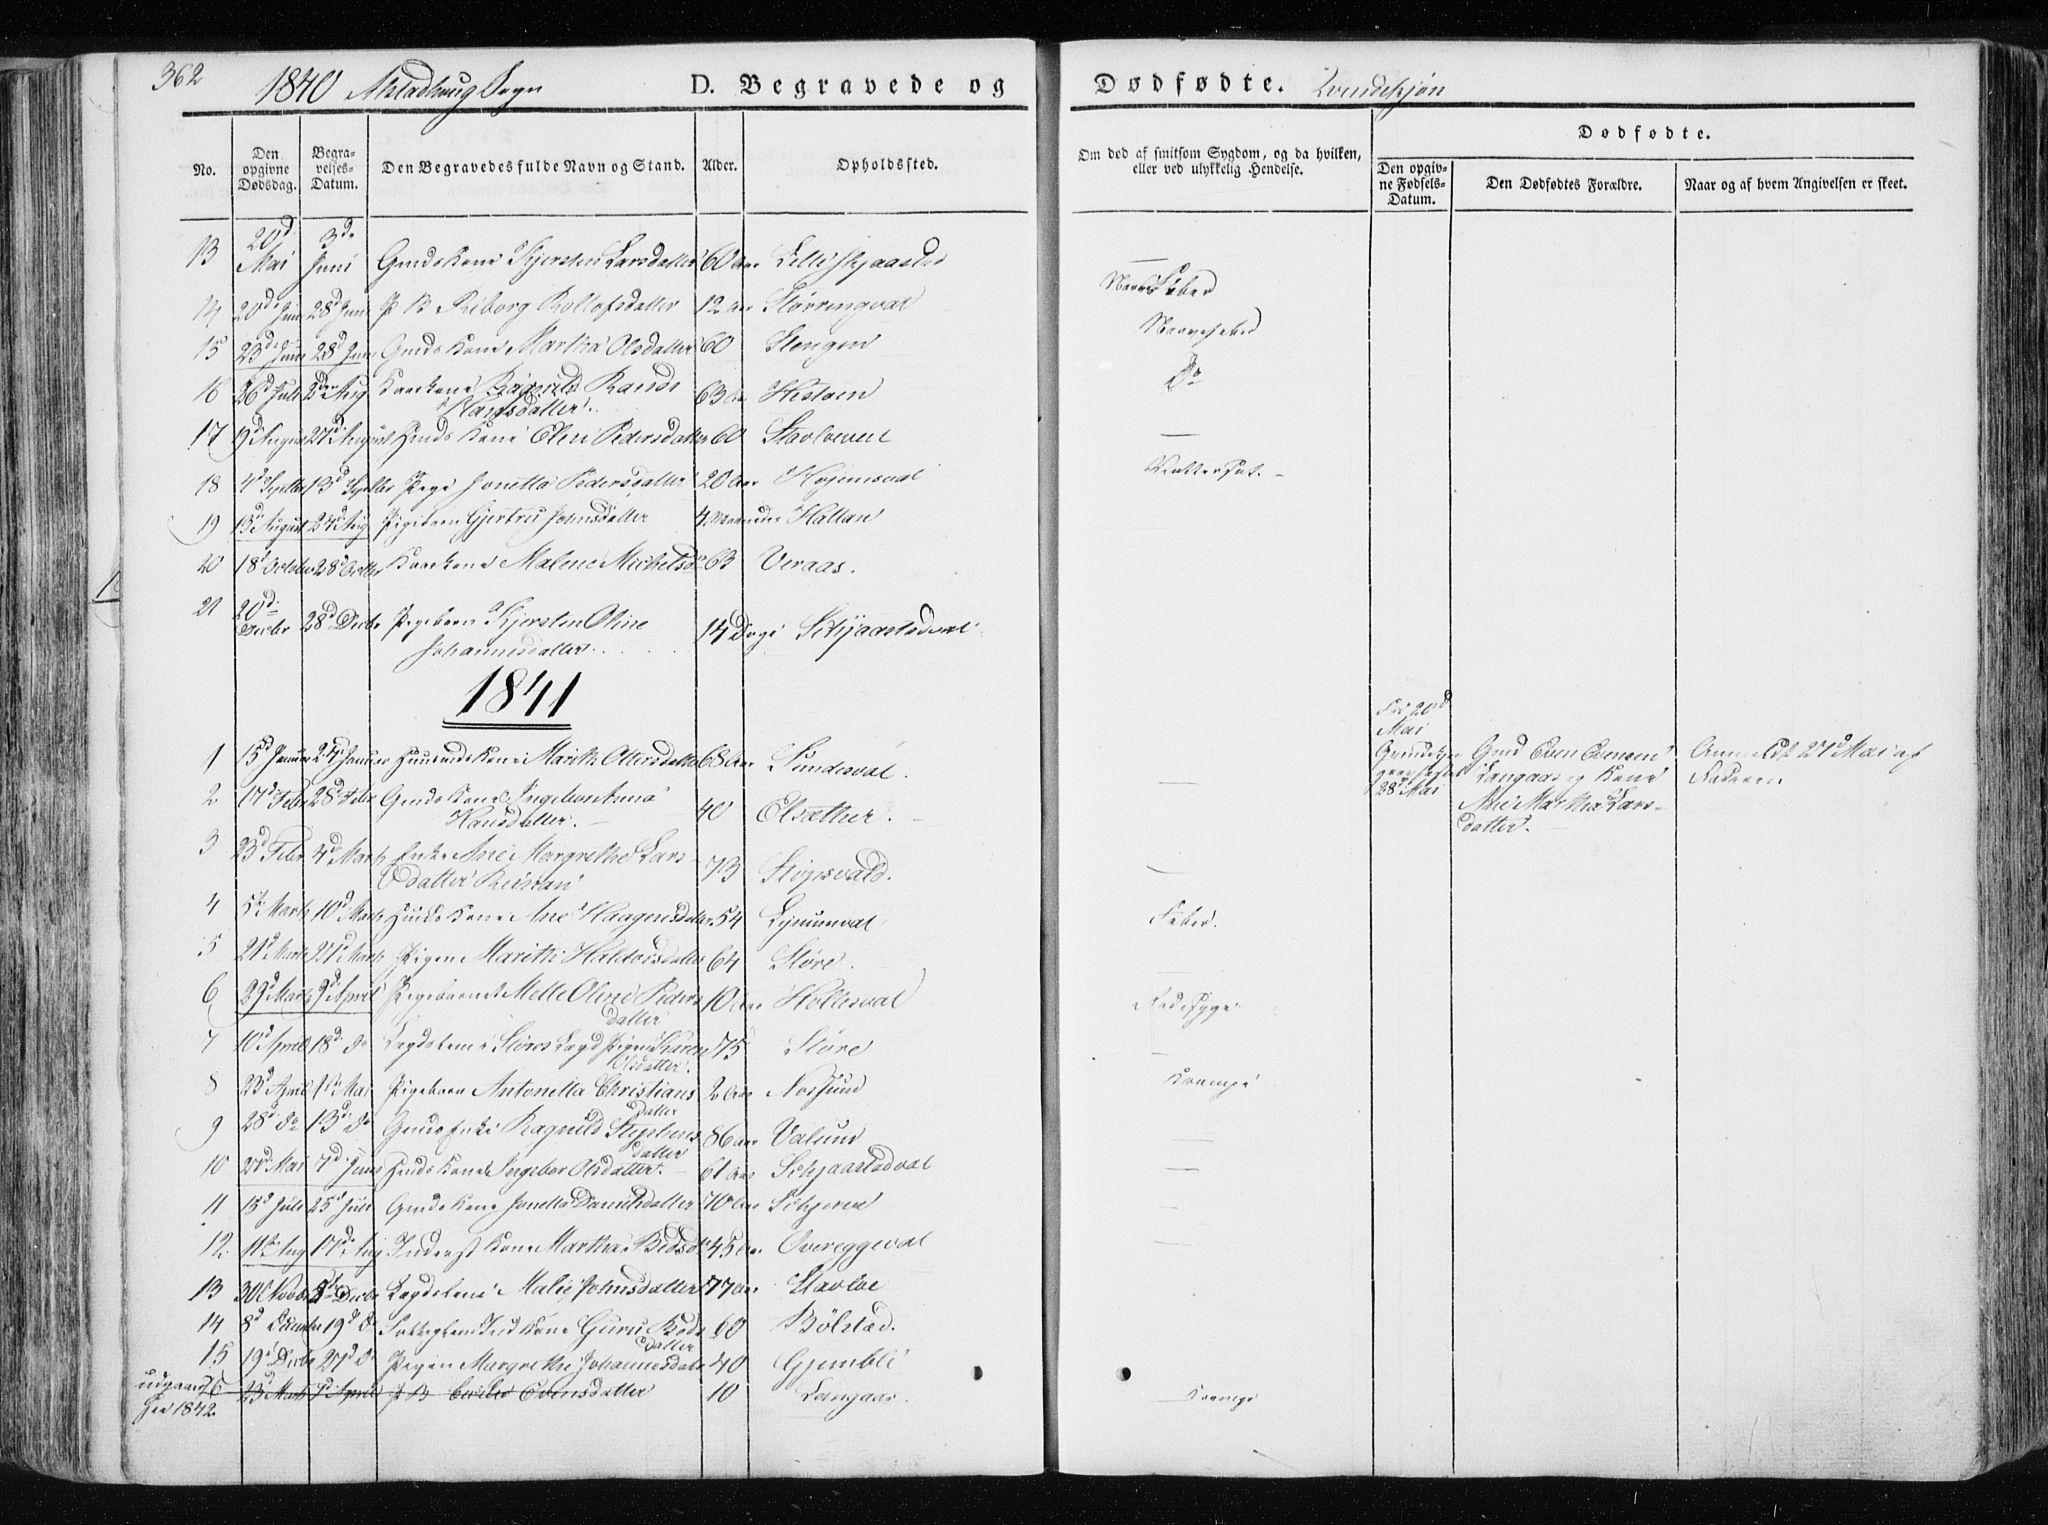 SAT, Ministerialprotokoller, klokkerbøker og fødselsregistre - Nord-Trøndelag, 717/L0154: Ministerialbok nr. 717A06 /1, 1836-1849, s. 362